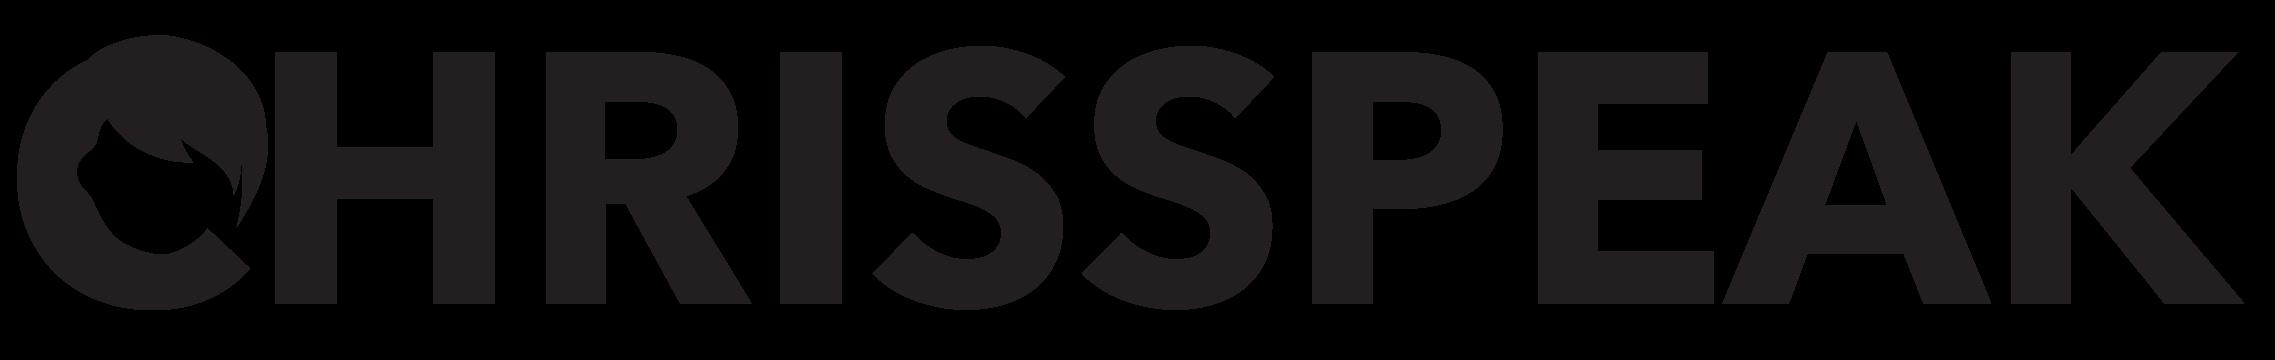 ChrisSpeak